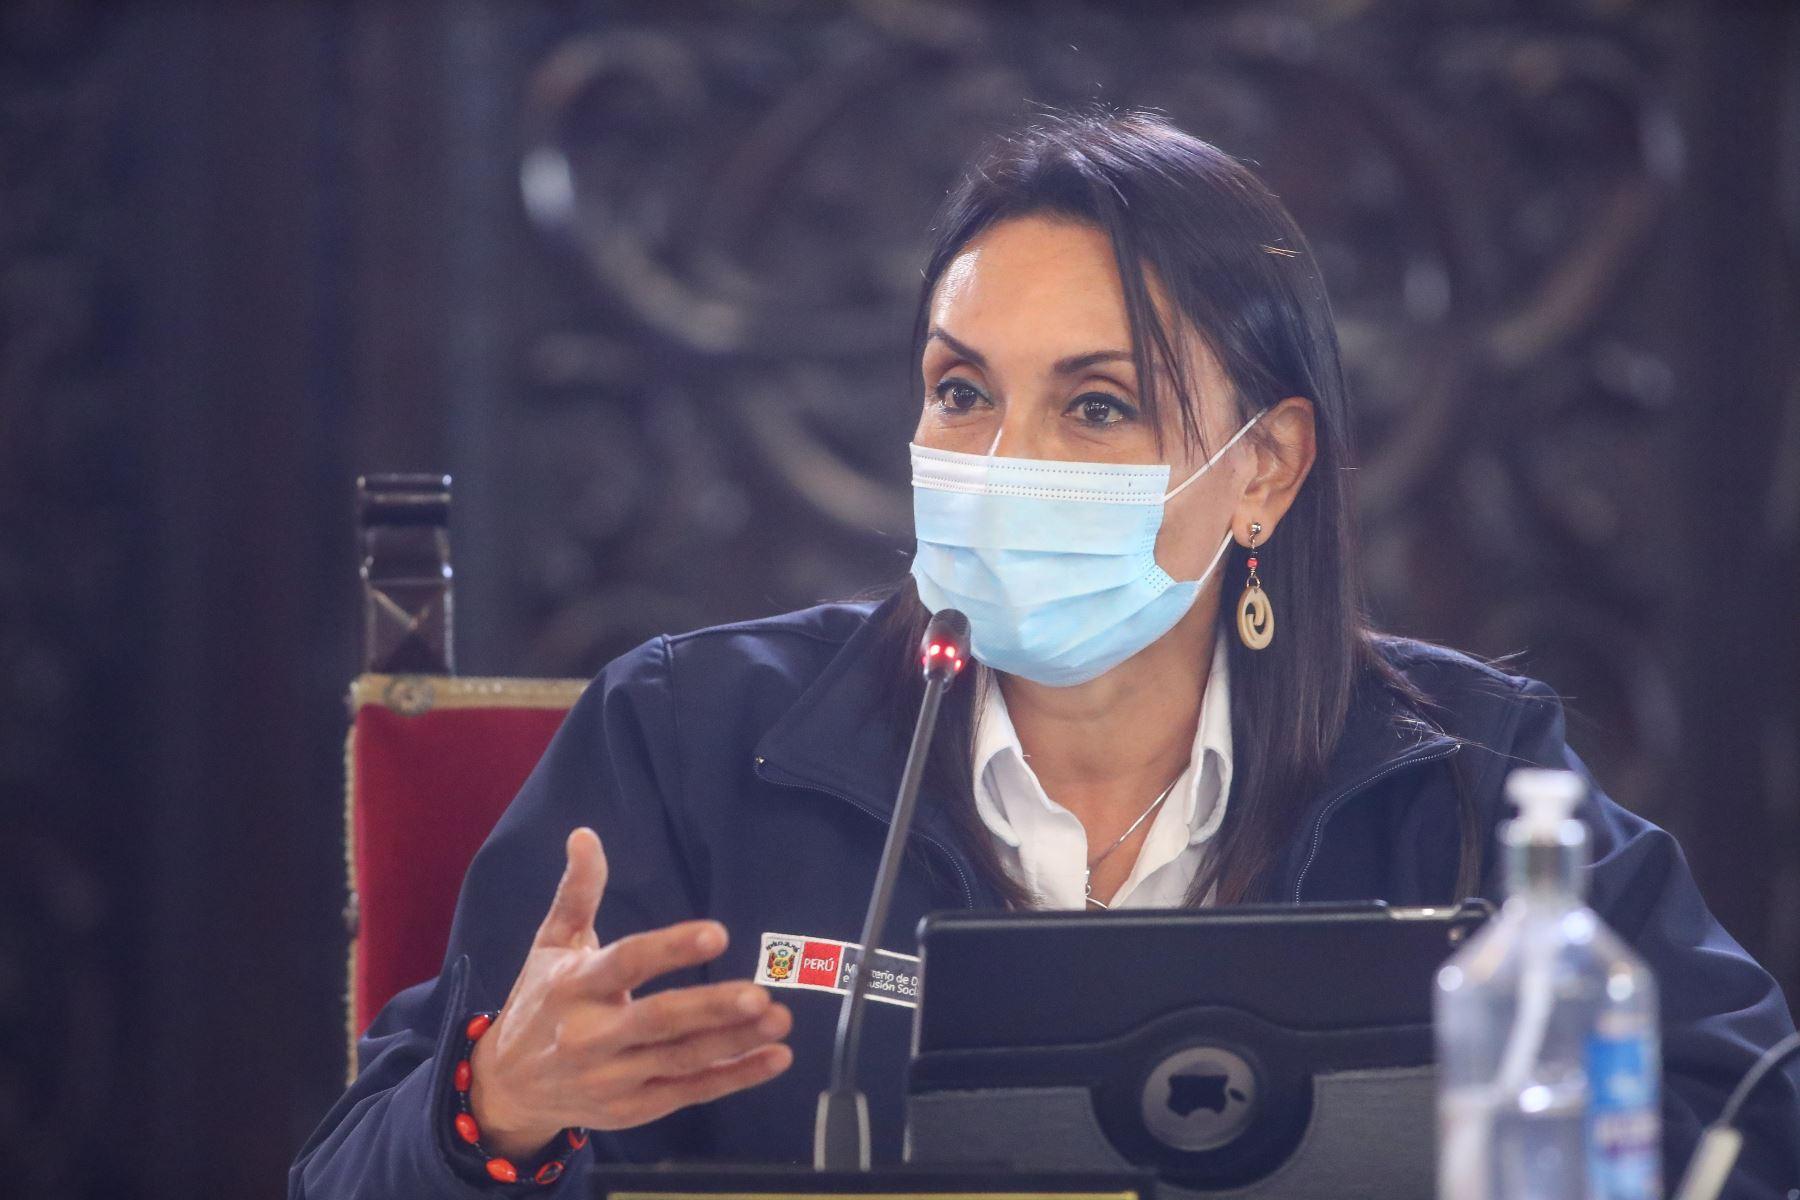 Ministra de Inclusión Social Patricia Donayre, durante la conferencia de prensa en el día 199 del Estado de Emergencia Nacional, donde se anuncia  nuevos alcances y medidas entorno a la lucha contra la pandemia del covid-19, en palacio de gobierno. Foto:ANDINA/Prensa Presidencia